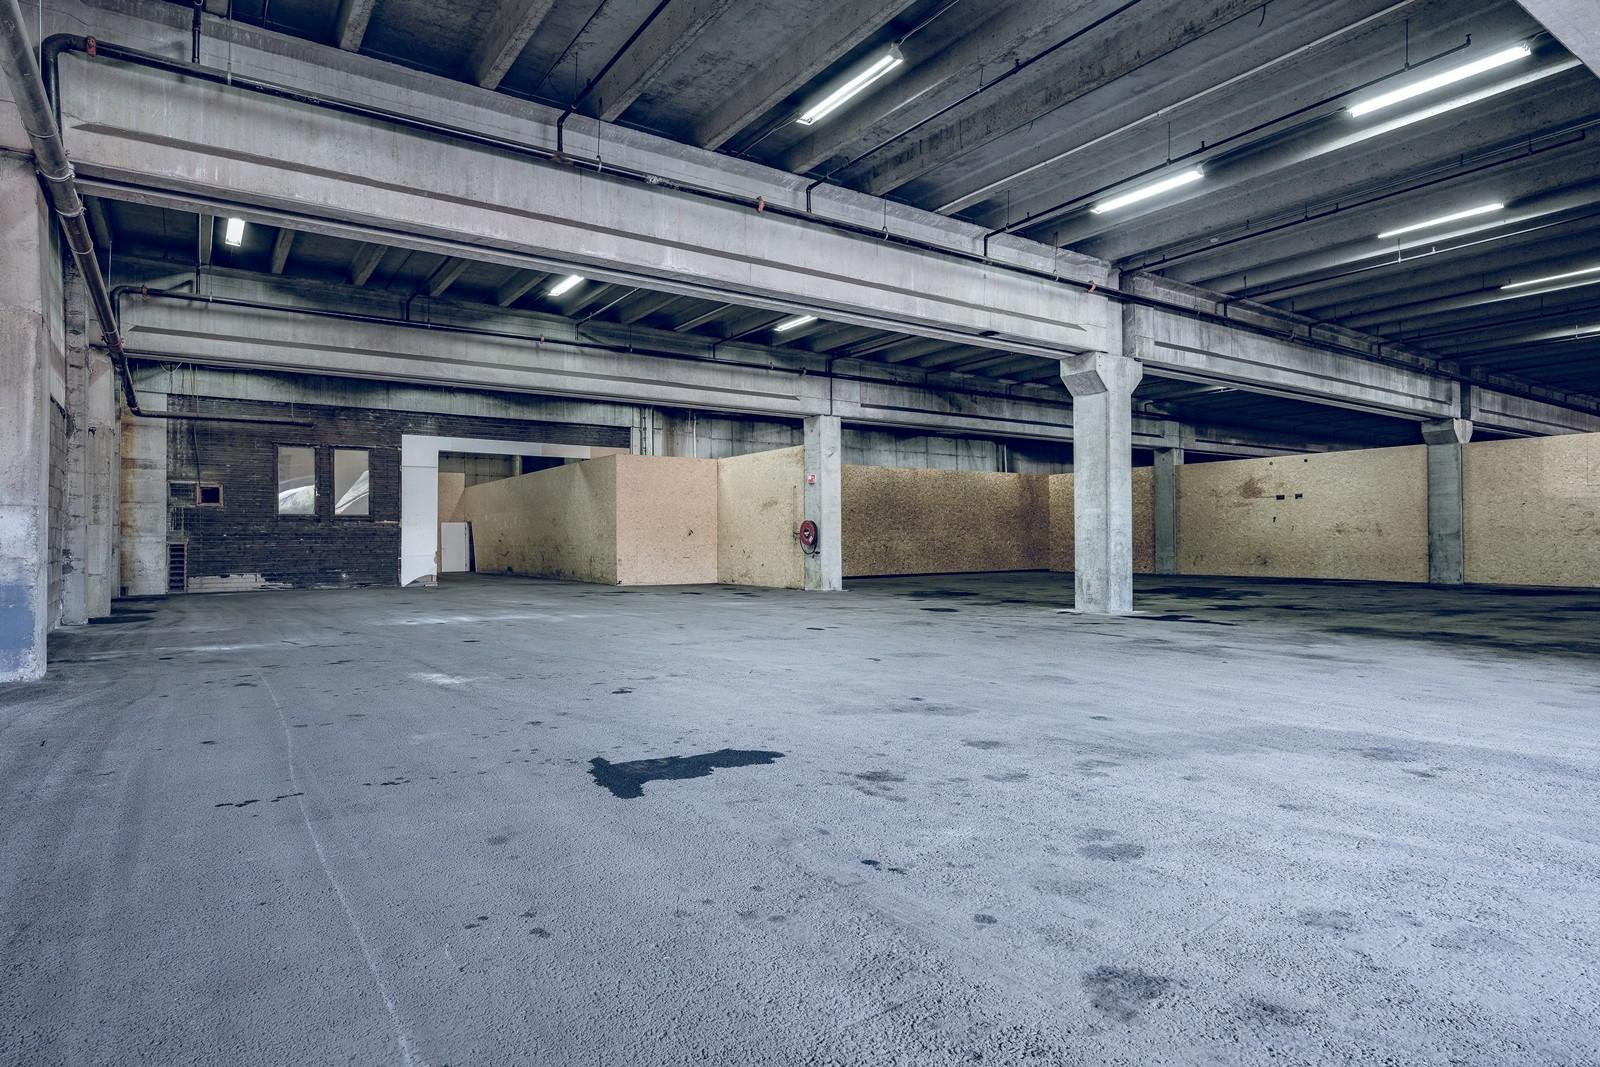 Åpent lagerlokale som kan deles opp om nødvendig. Mulighet for tilkobling oljeutskiller.